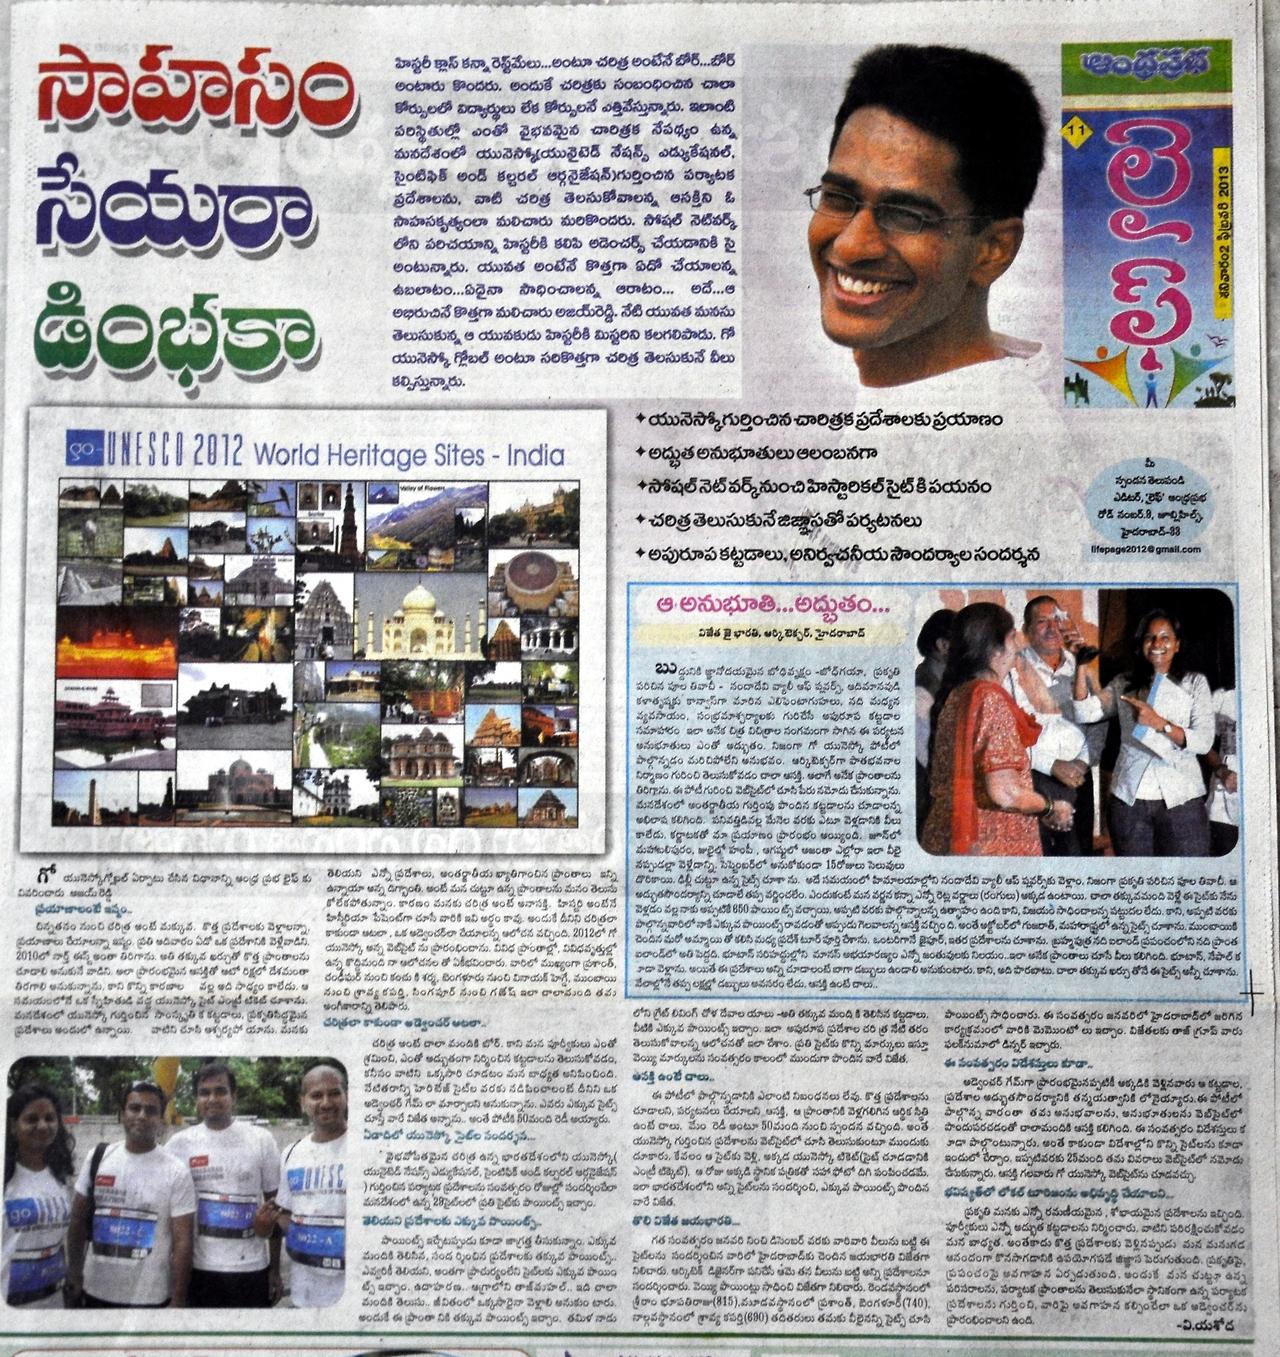 Andhra Prabha - GoUNESCO